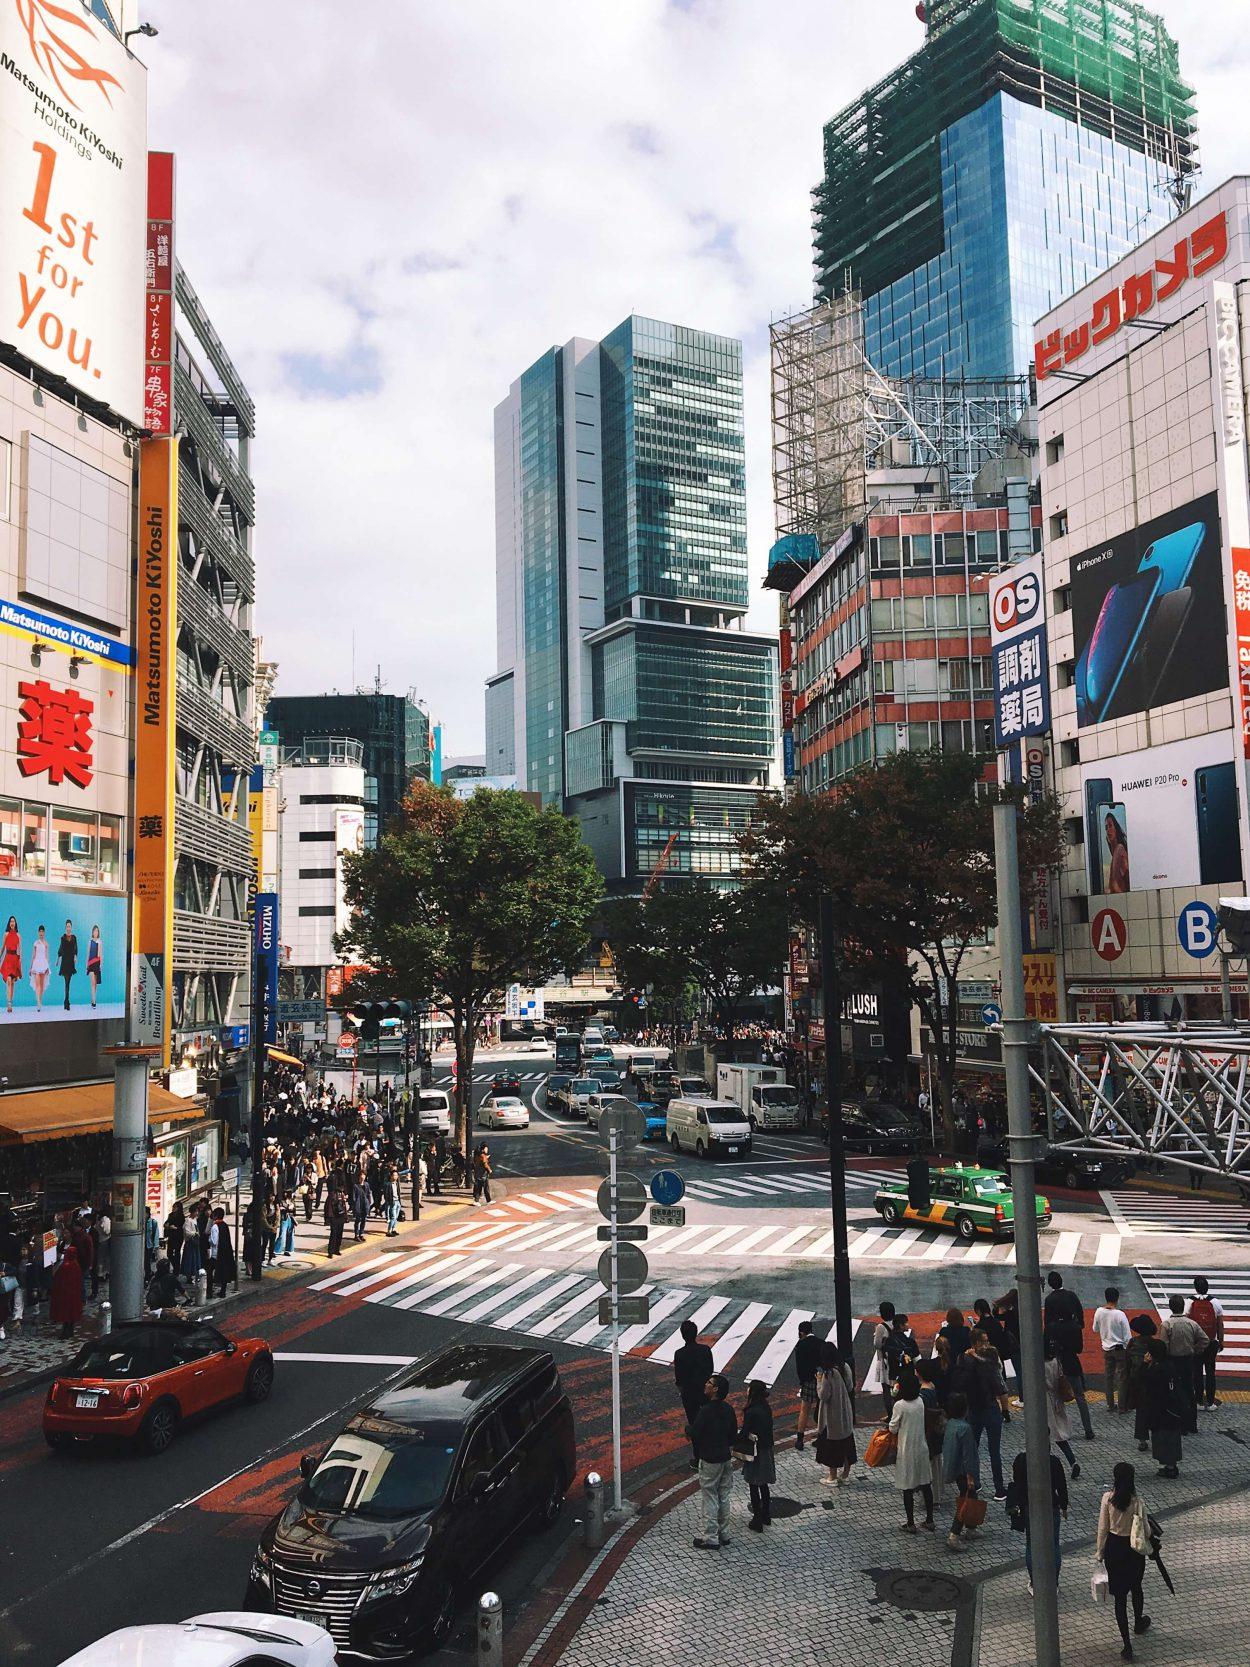 shibuya tokyo japan two week tinerary plan